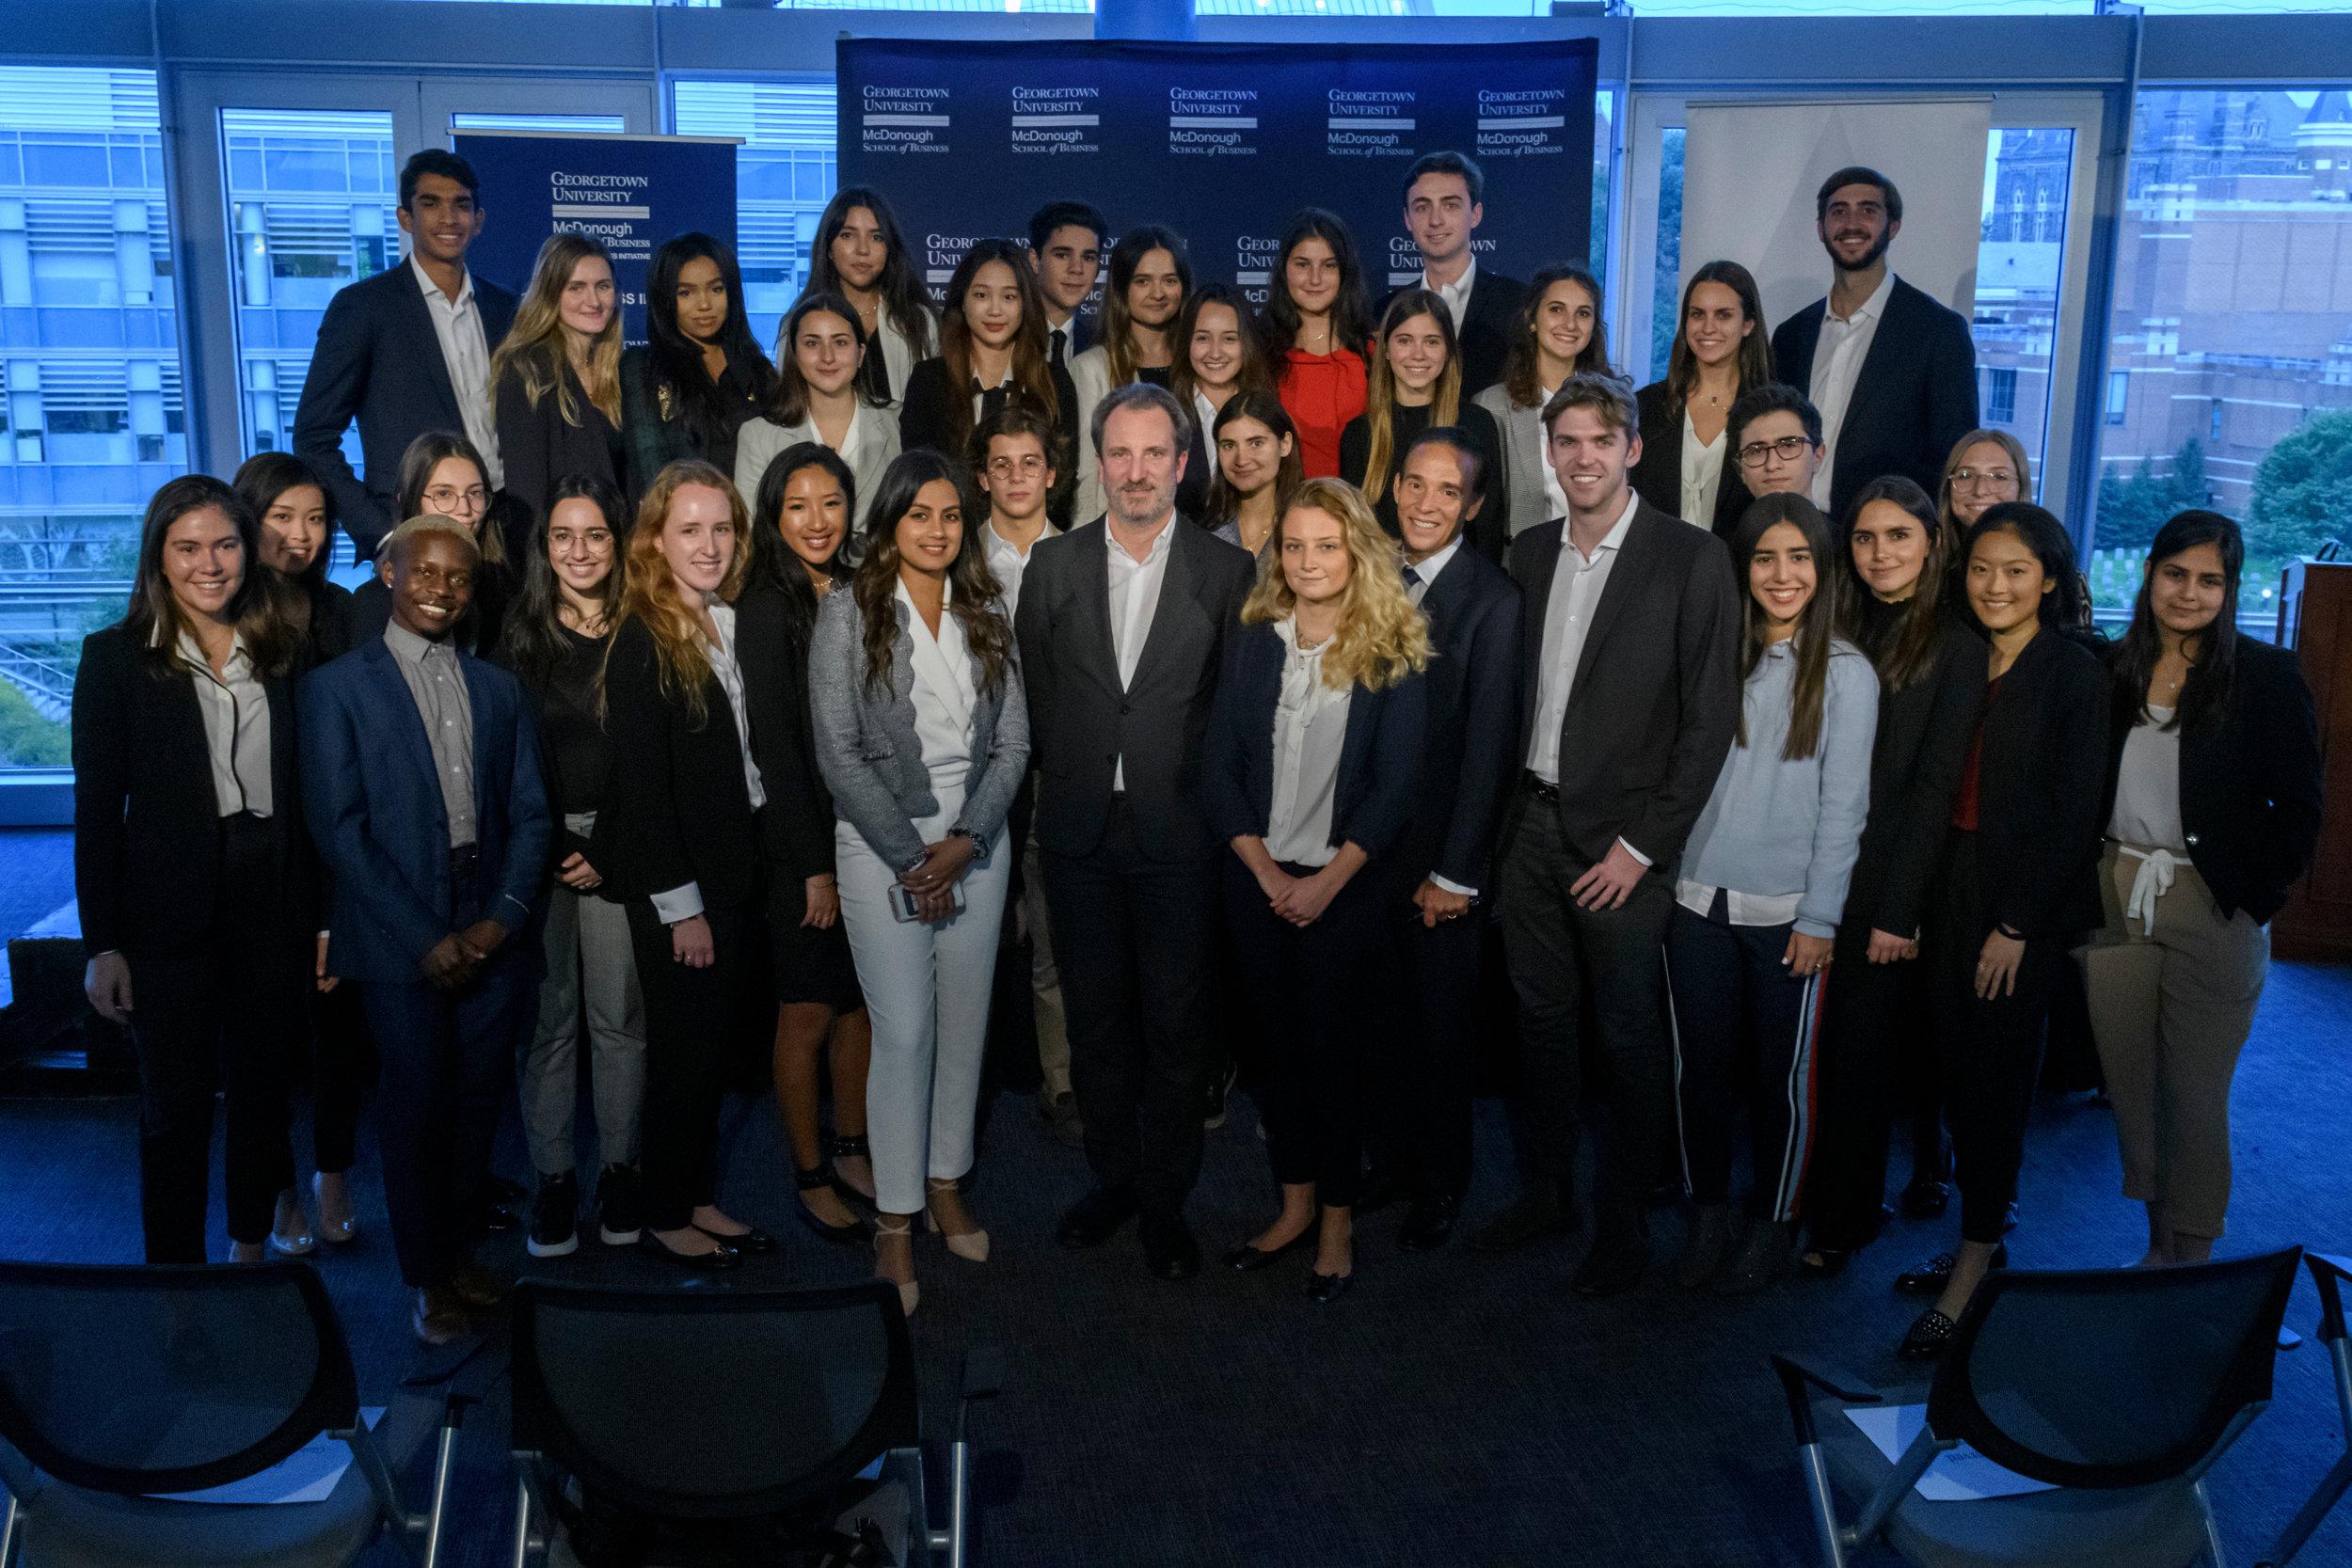 GRLA Team, Alessandro Bogliolo, Tiffany & Co.'s CEO and Ricardo Ernst